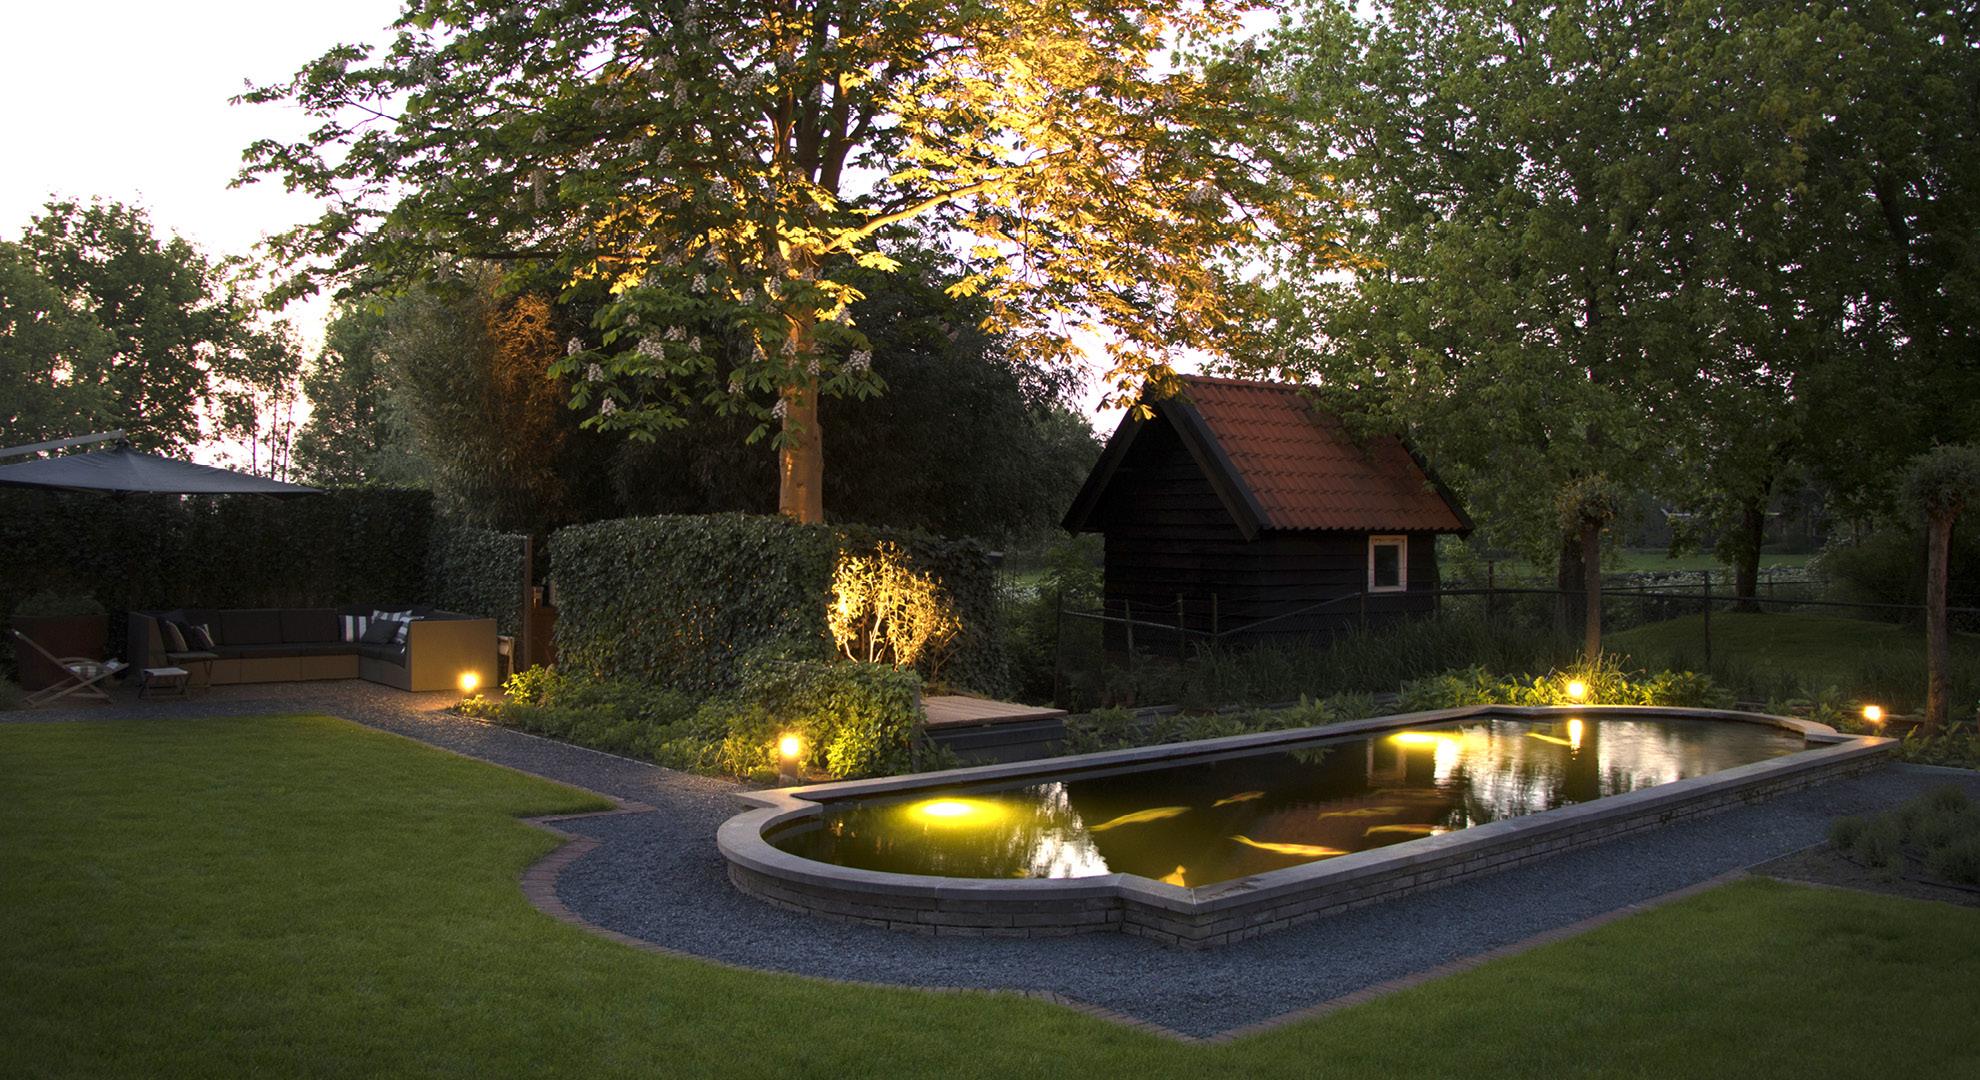 Natuurlijke tuin bij een statige woning aan het water - Foto 6